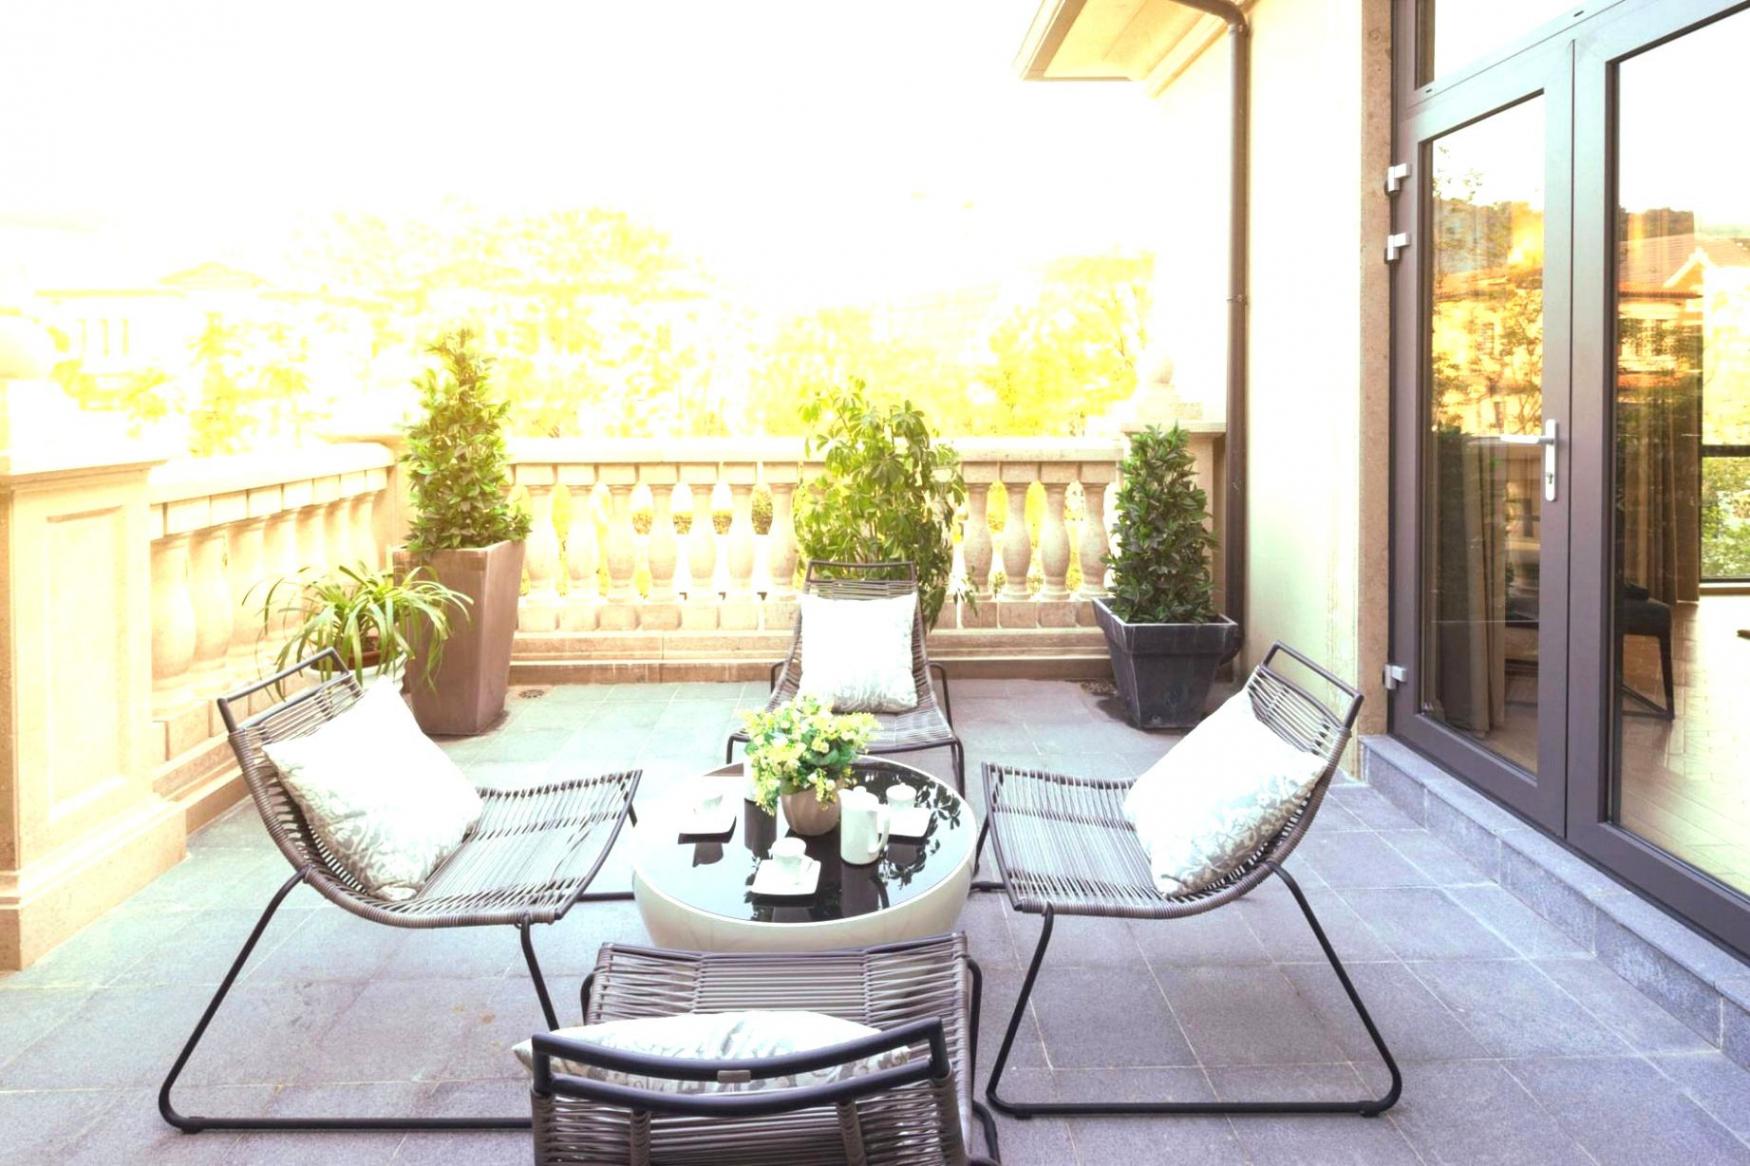 terrasse gestaltung luxus deko kleiner balkon einzigartig balkon gestaltung kleiner balkon gestaltung kleiner balkon